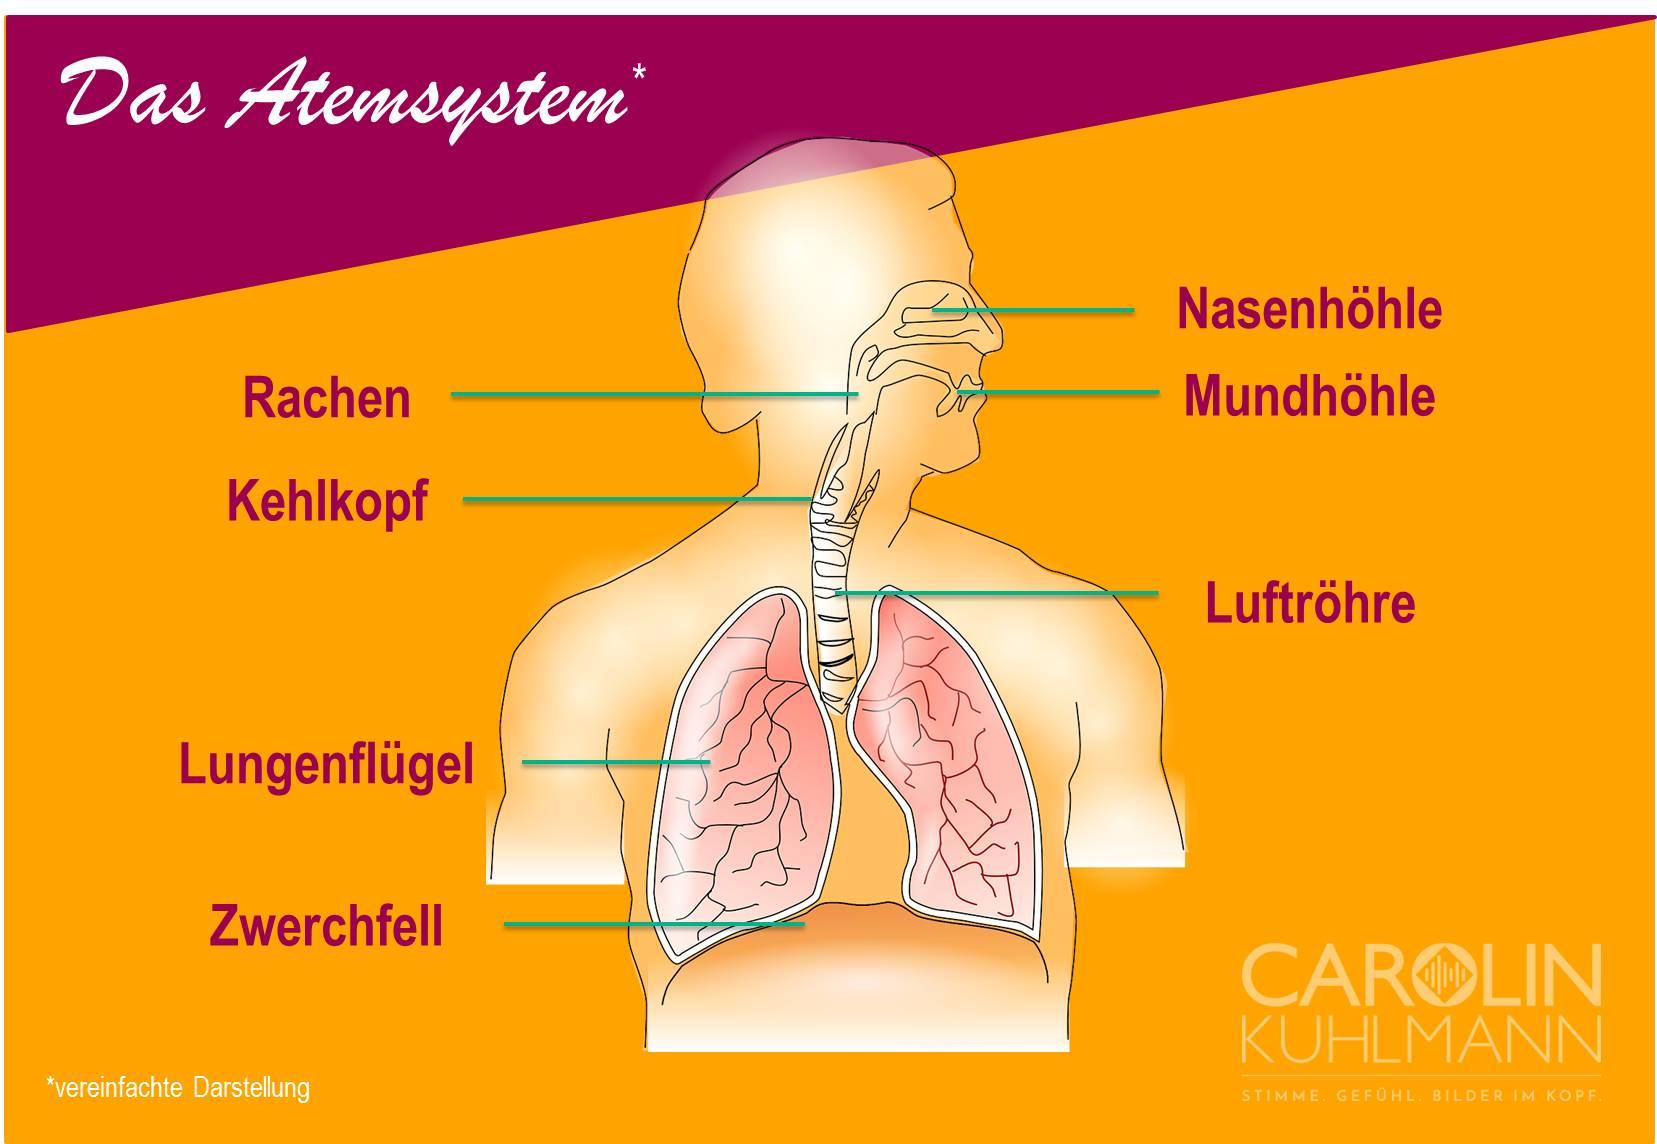 Infografik über das Atemsystem